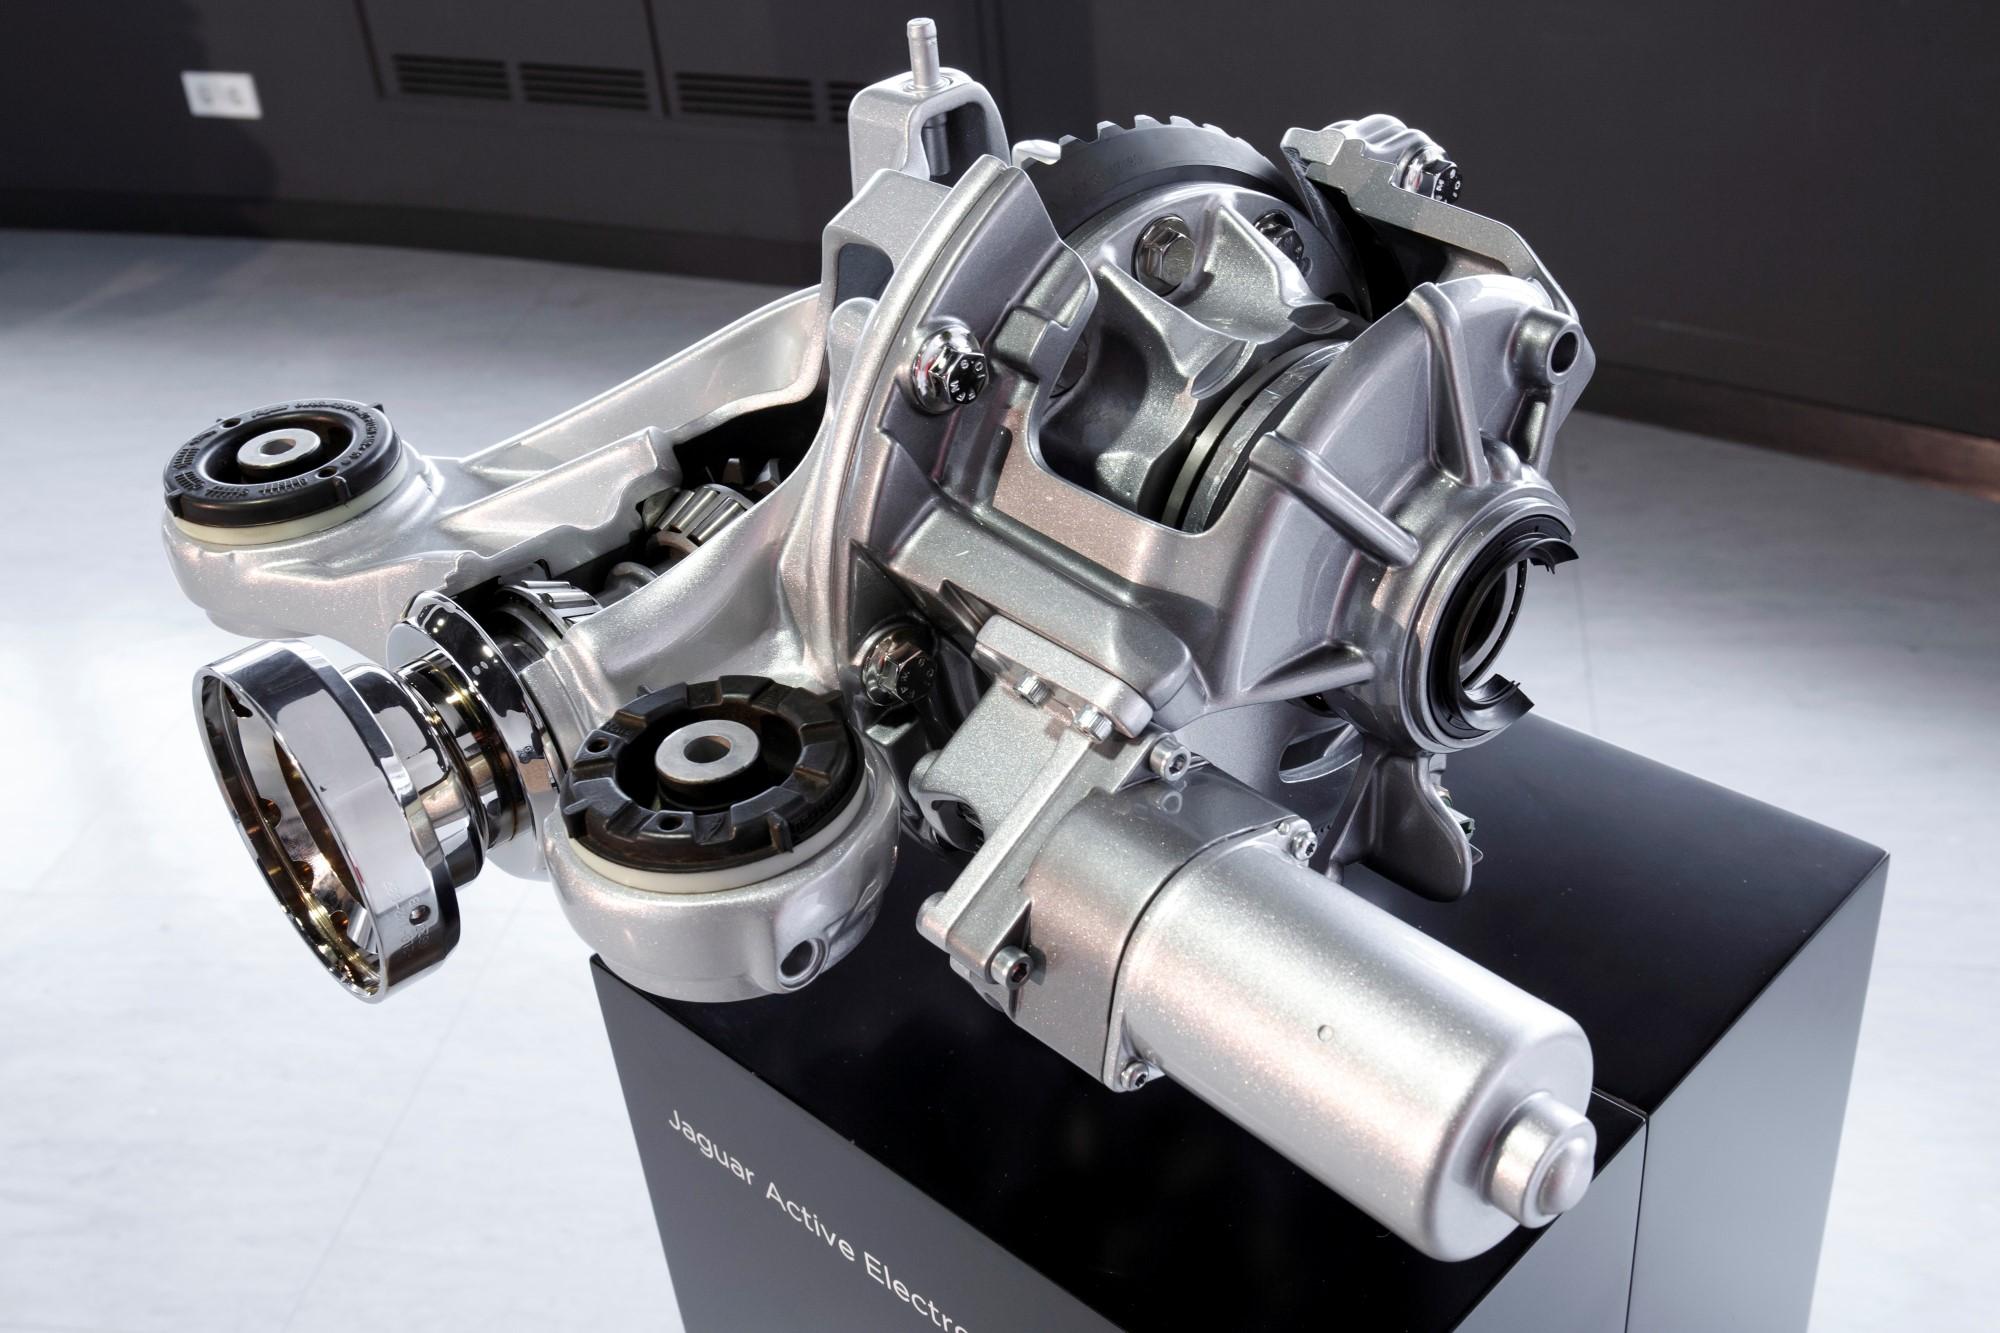 Jaguar F Type Engineering Displays H on 2018 Acura Integra